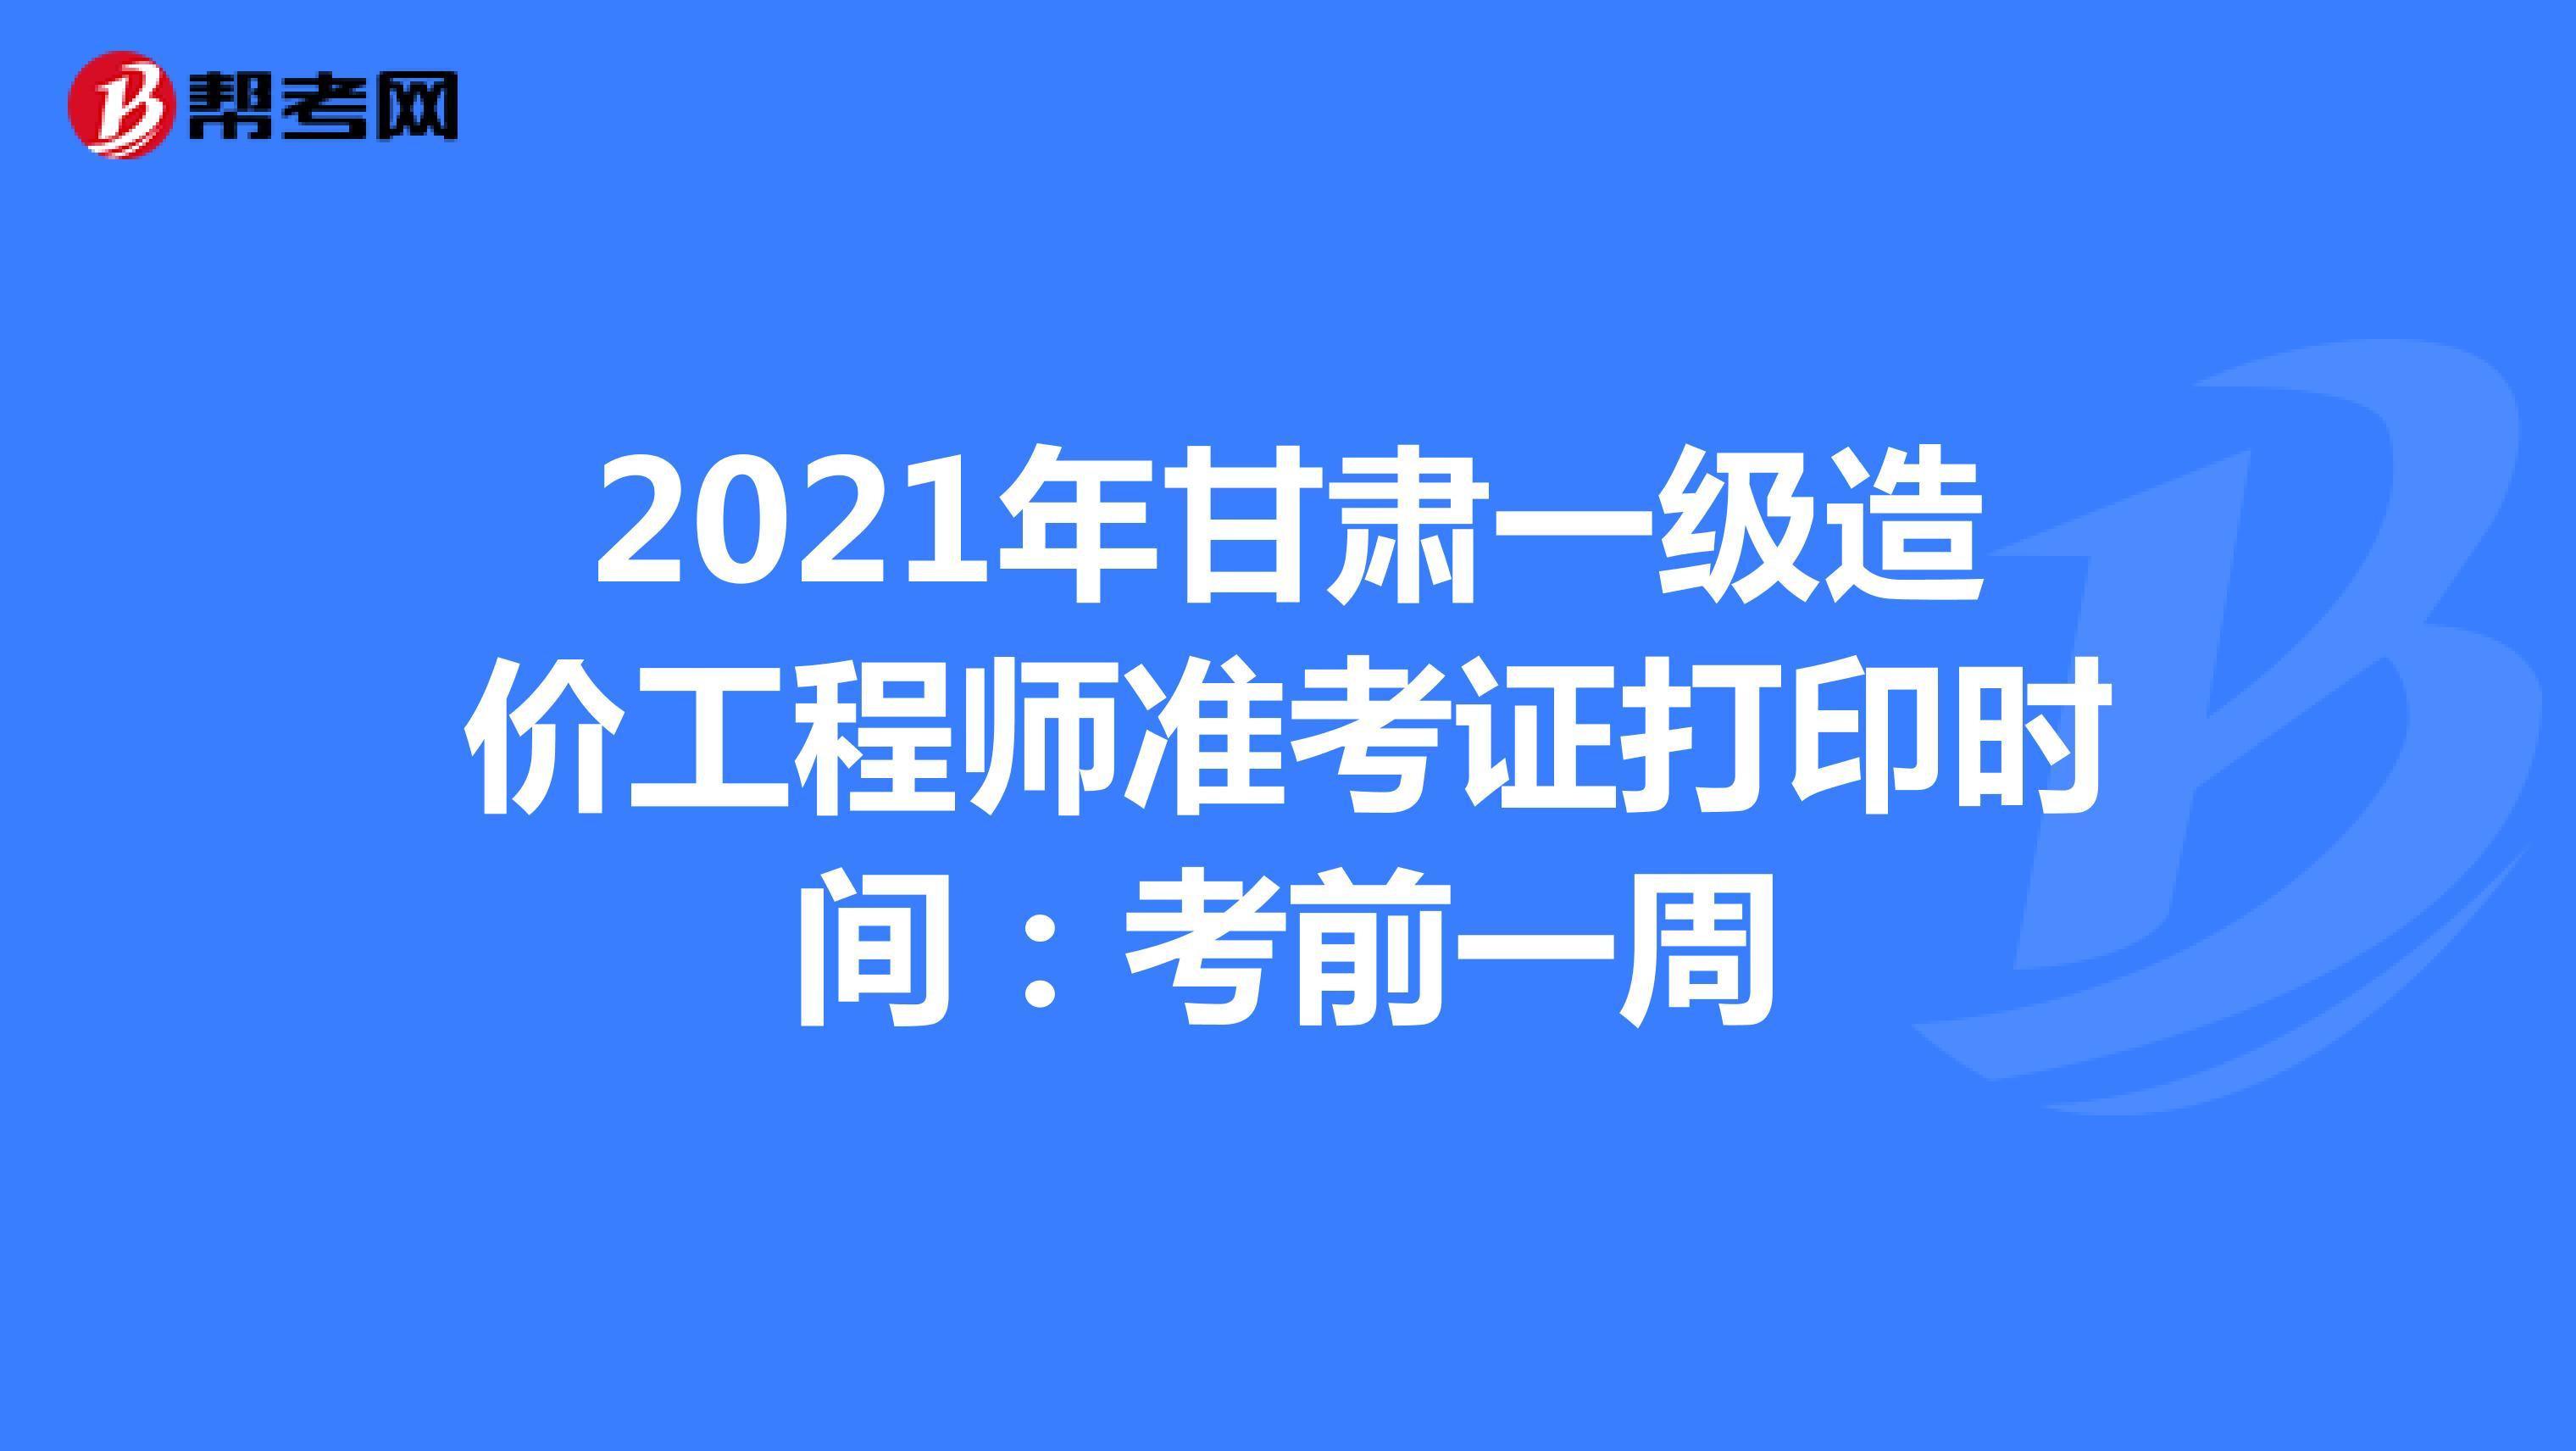 2021年甘肃一级造价工程师准考证打印时间:考前一周